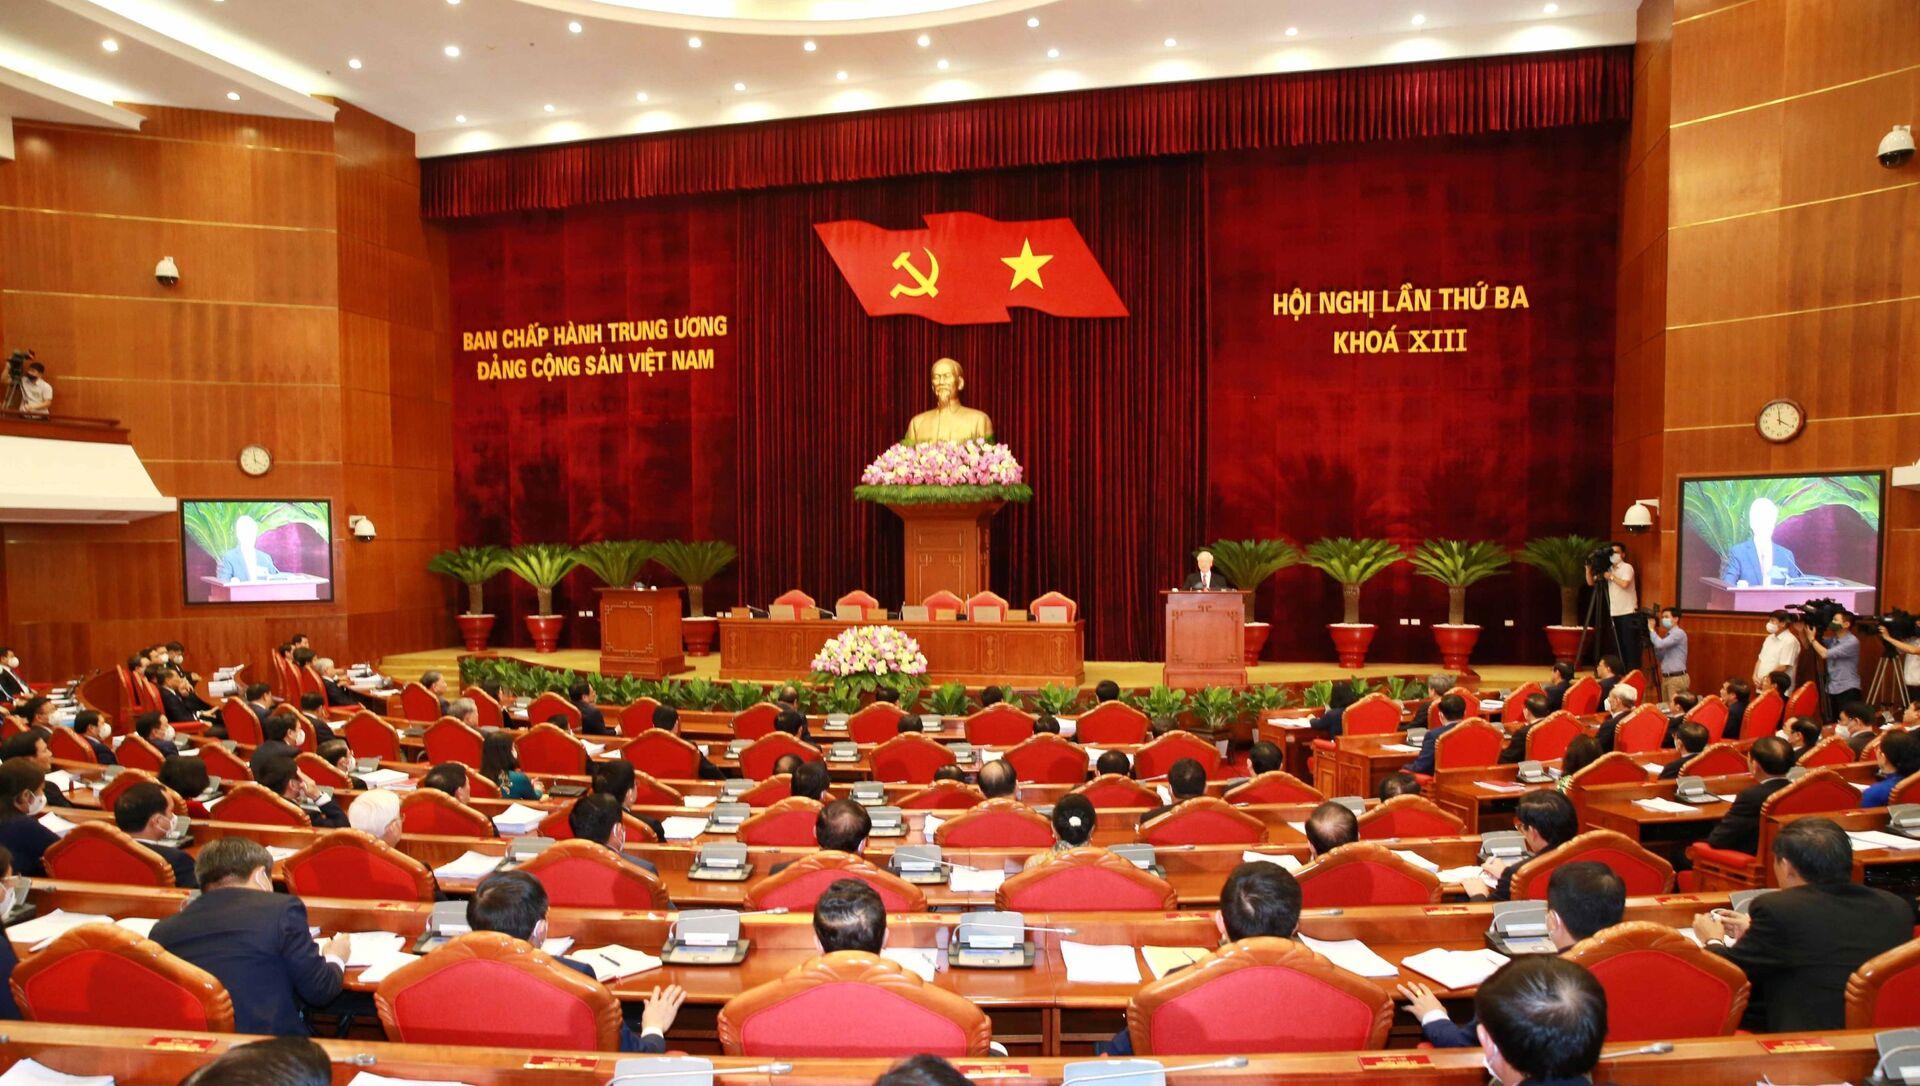 Toàn cảnh bế mạc hội nghị. - Sputnik Việt Nam, 1920, 08.07.2021